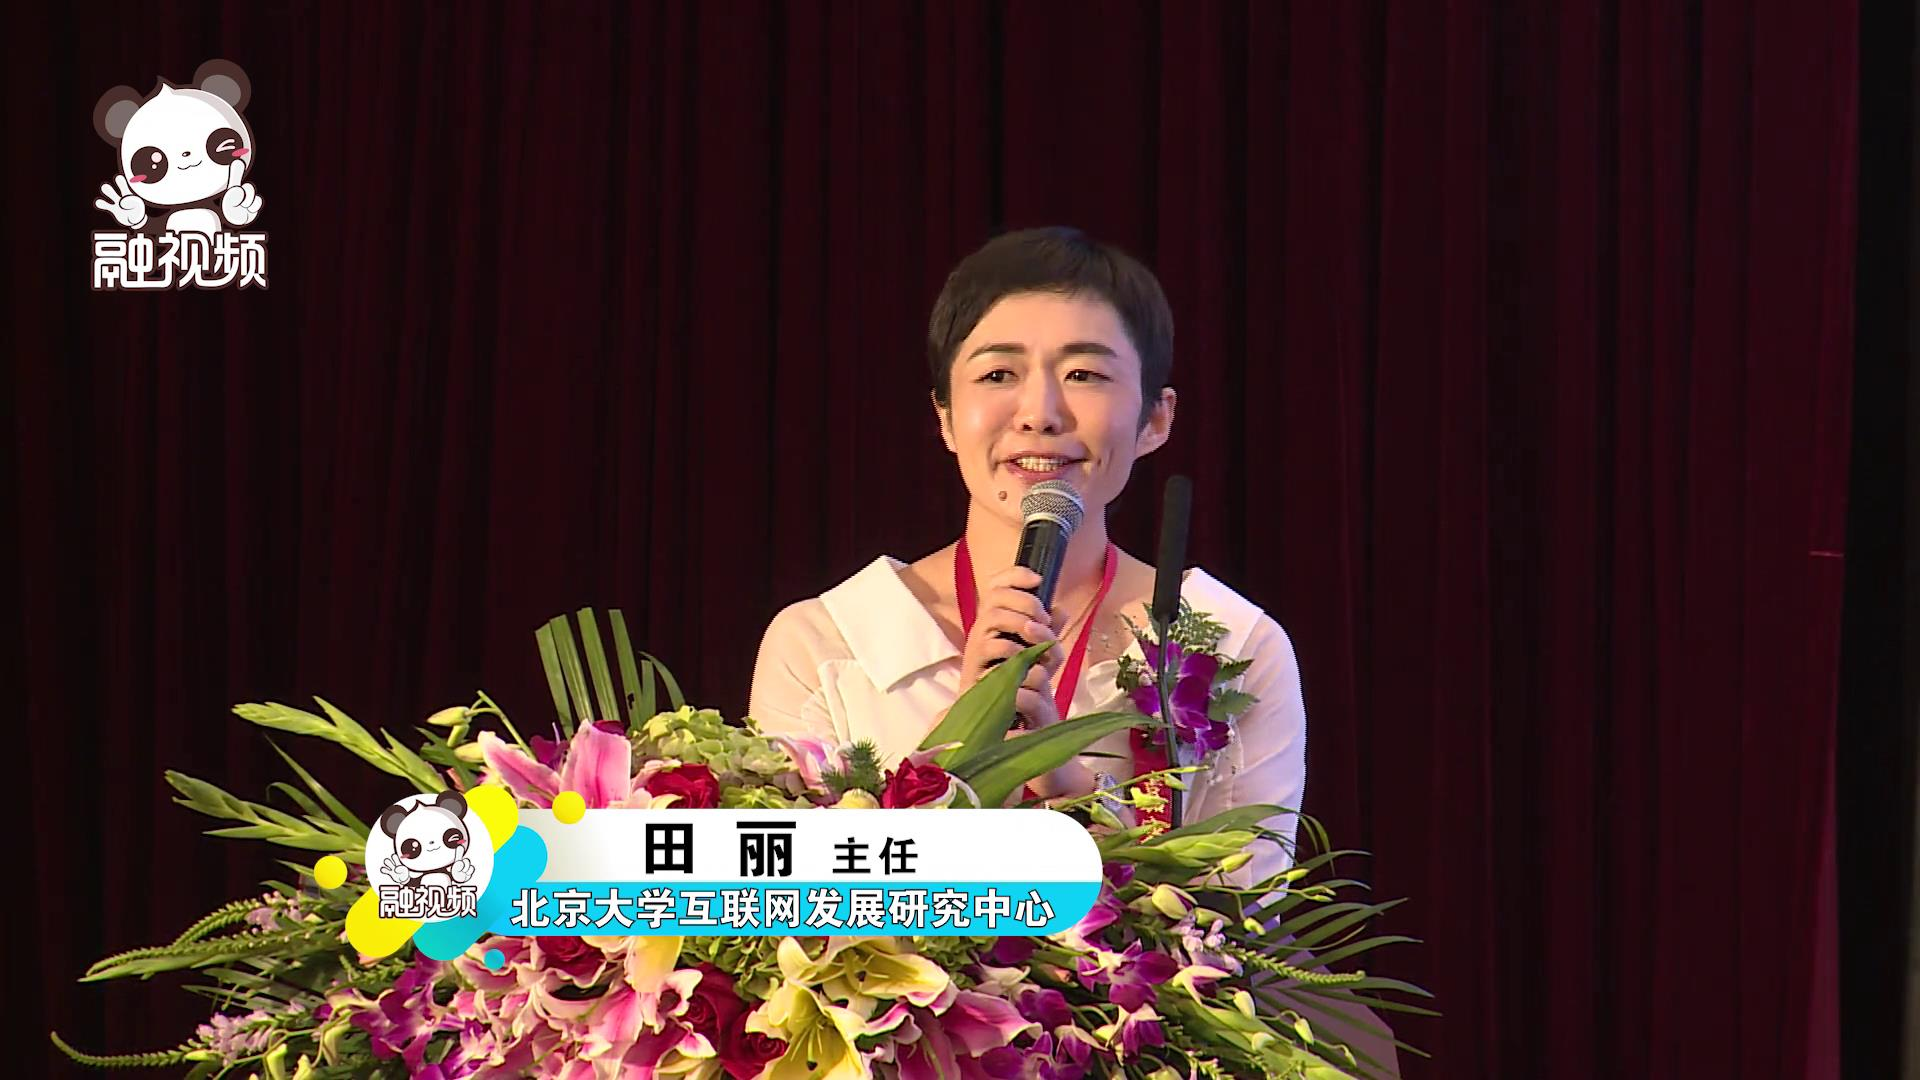 北京大学互联网发展研究中心主任田丽发表题为《网络文化与两岸交流的媒体责任》的演讲图片